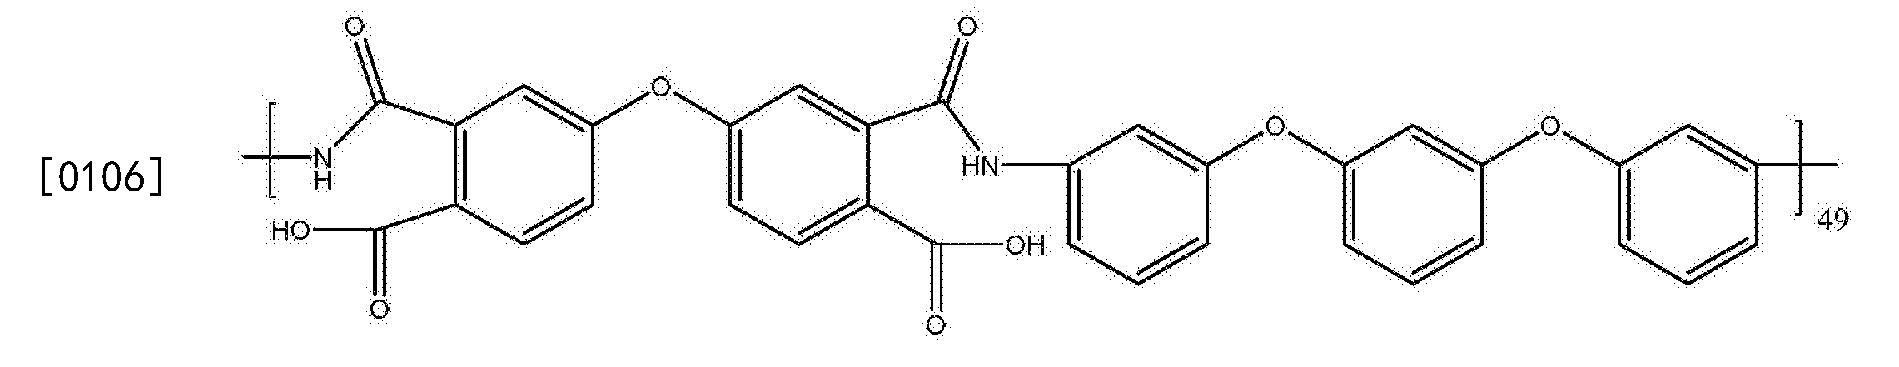 Figure CN104829837BD00163